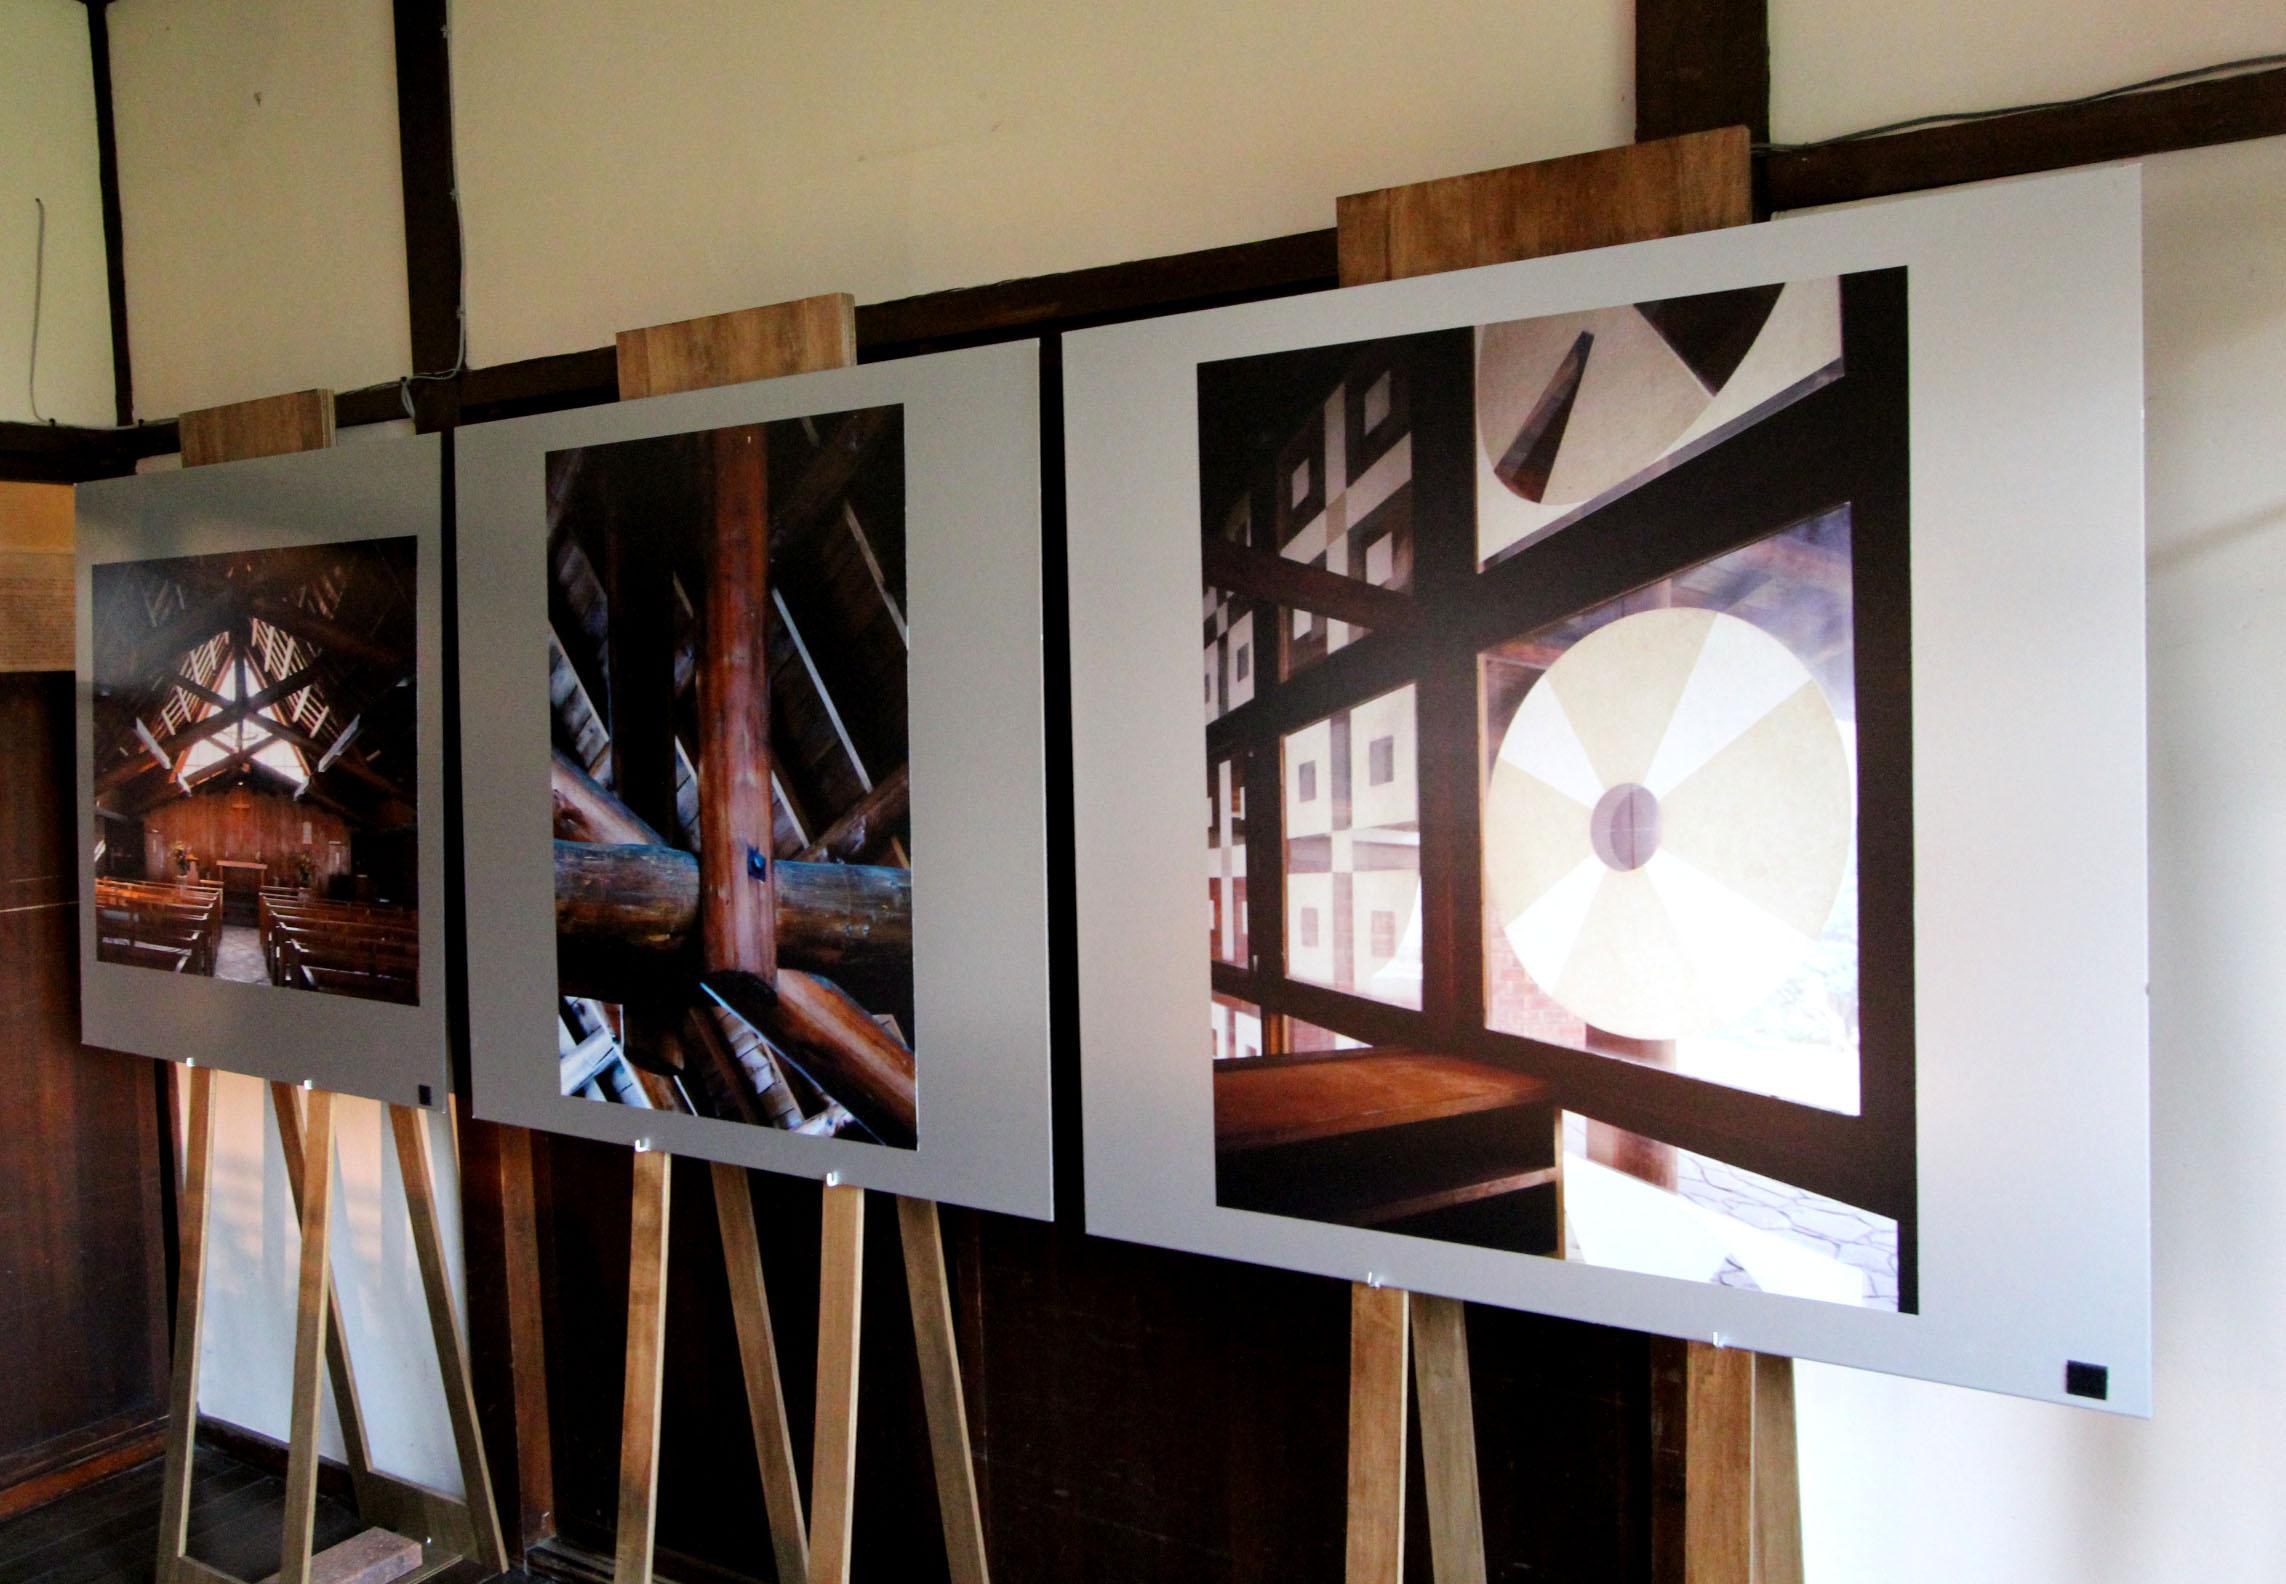 バイオクライマティック建築シンポ・札幌小樽6:田上義也記念室4_e0054299_9413959.jpg